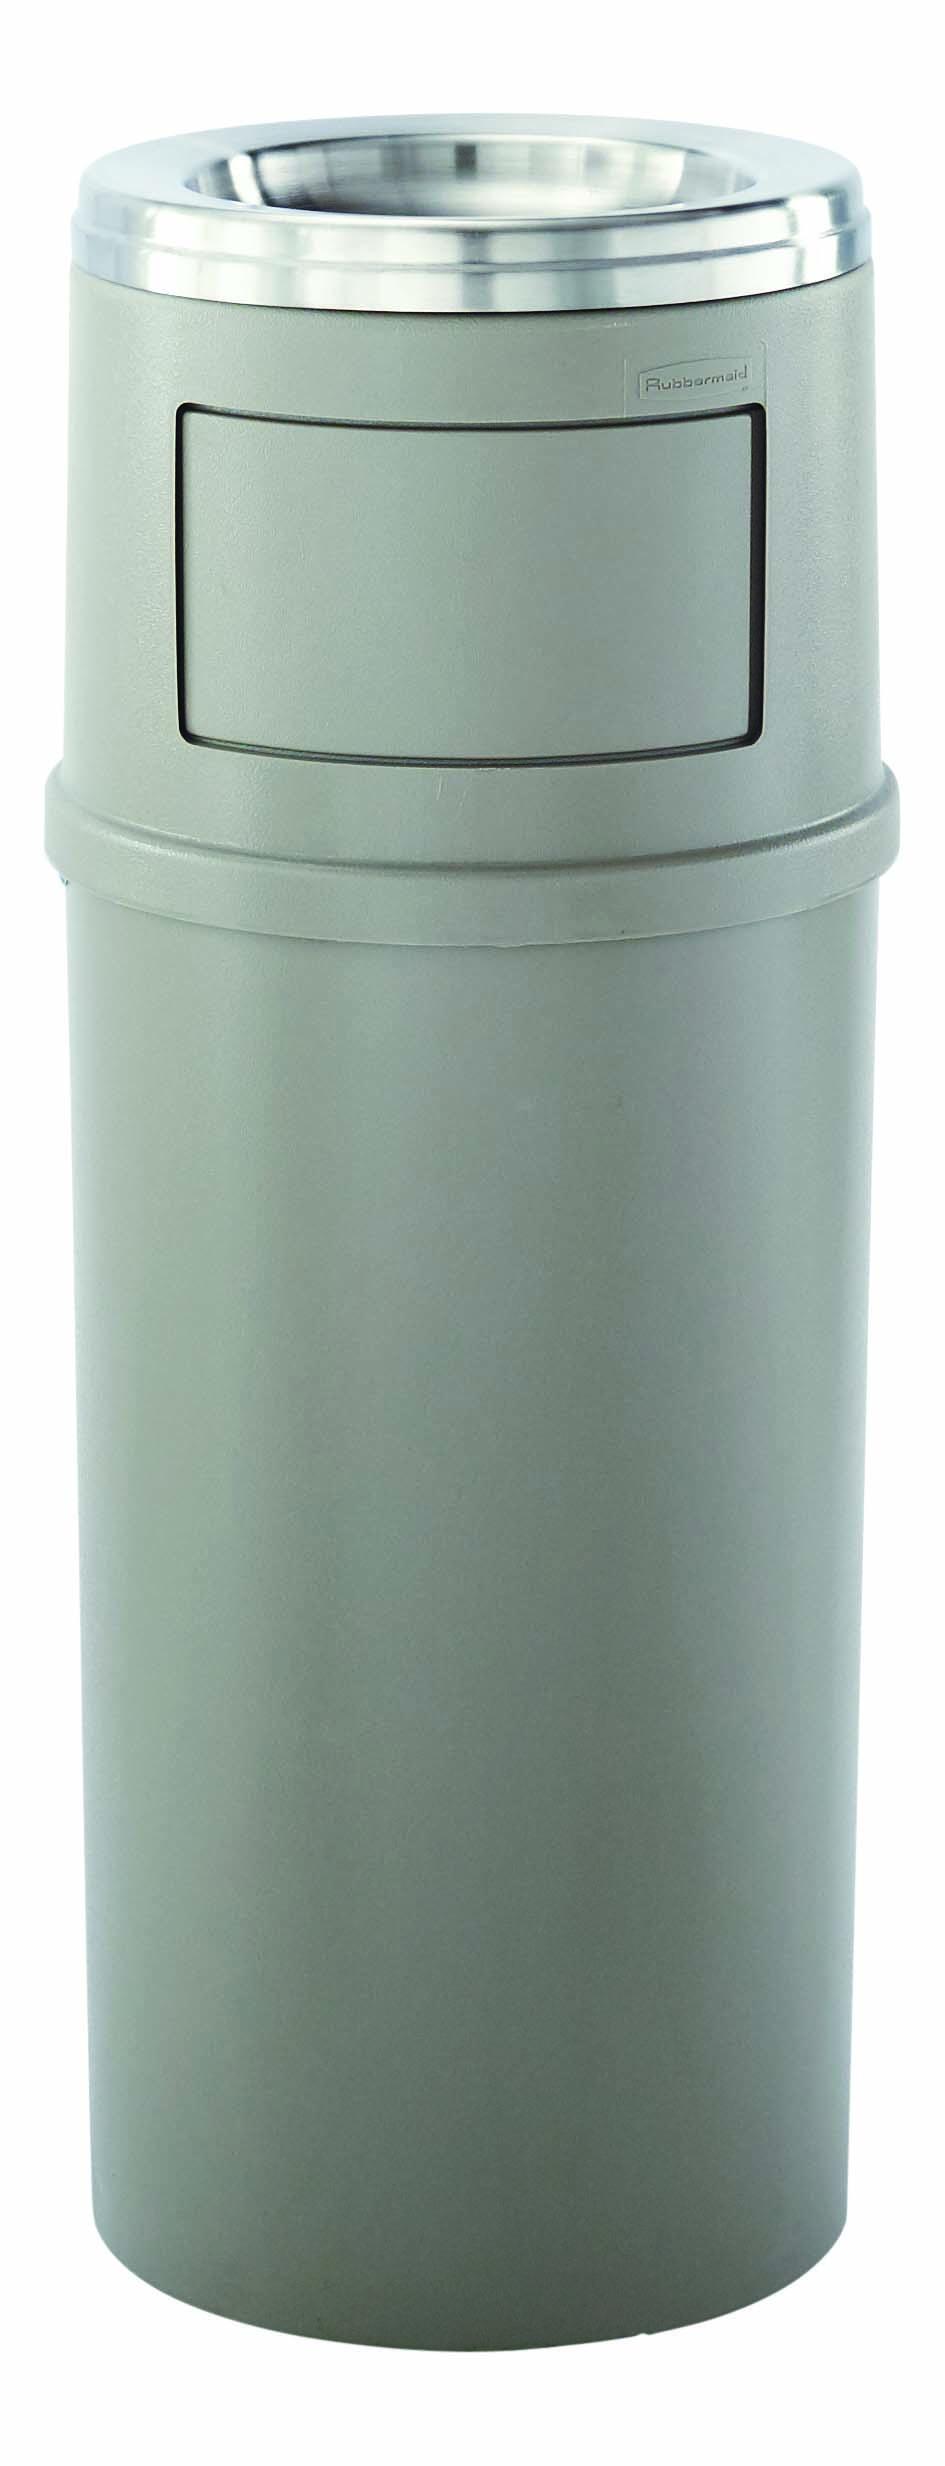 Abfallbehälter mit Ascher 56,8 l